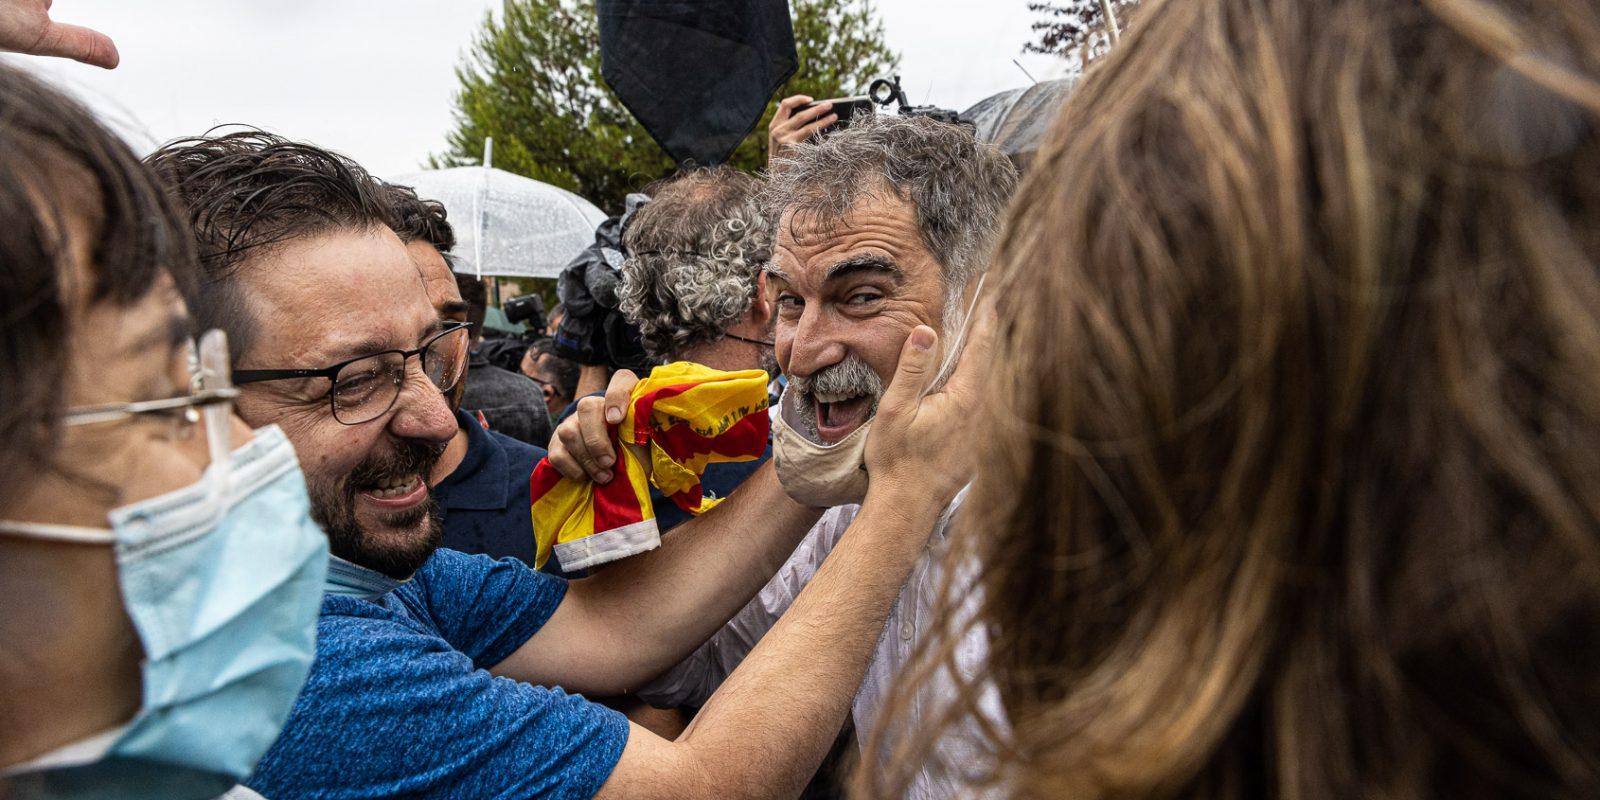 Jordi Cuixart esclatant d'alegria enmig de la gentada el dia de l'alliberament dels presos polítics de l'1-O per l'indult, a la sortida de Lledoners / Jordi Borràs